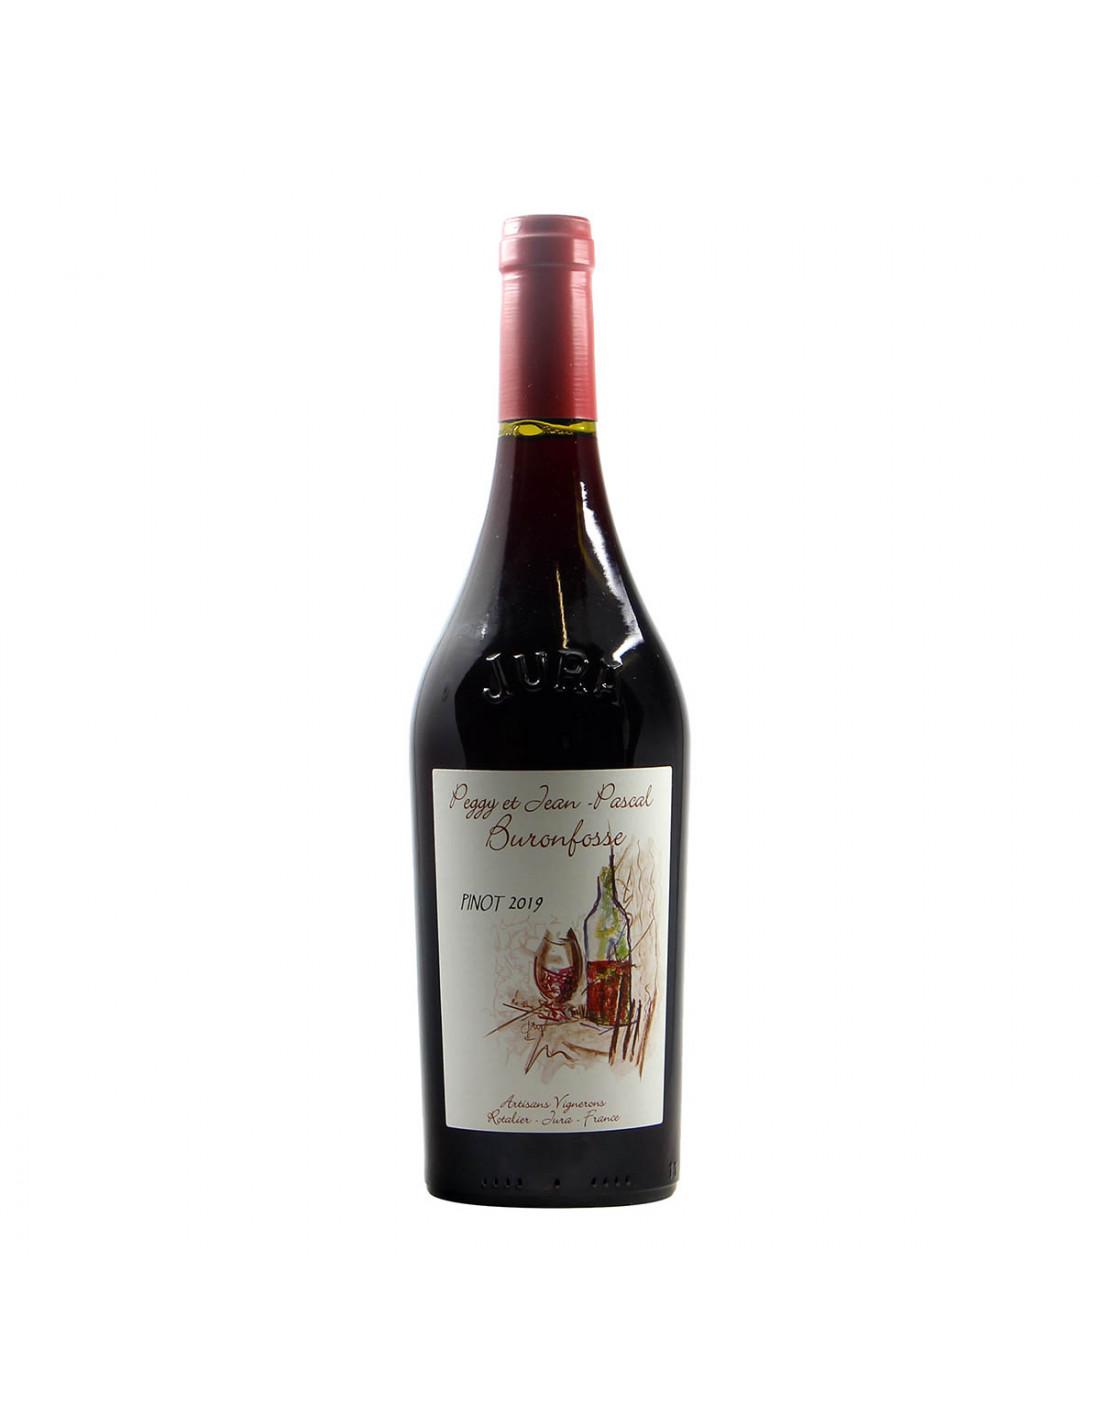 Domaine Buronfosse Pinot 2019 Grandi Bottiglie